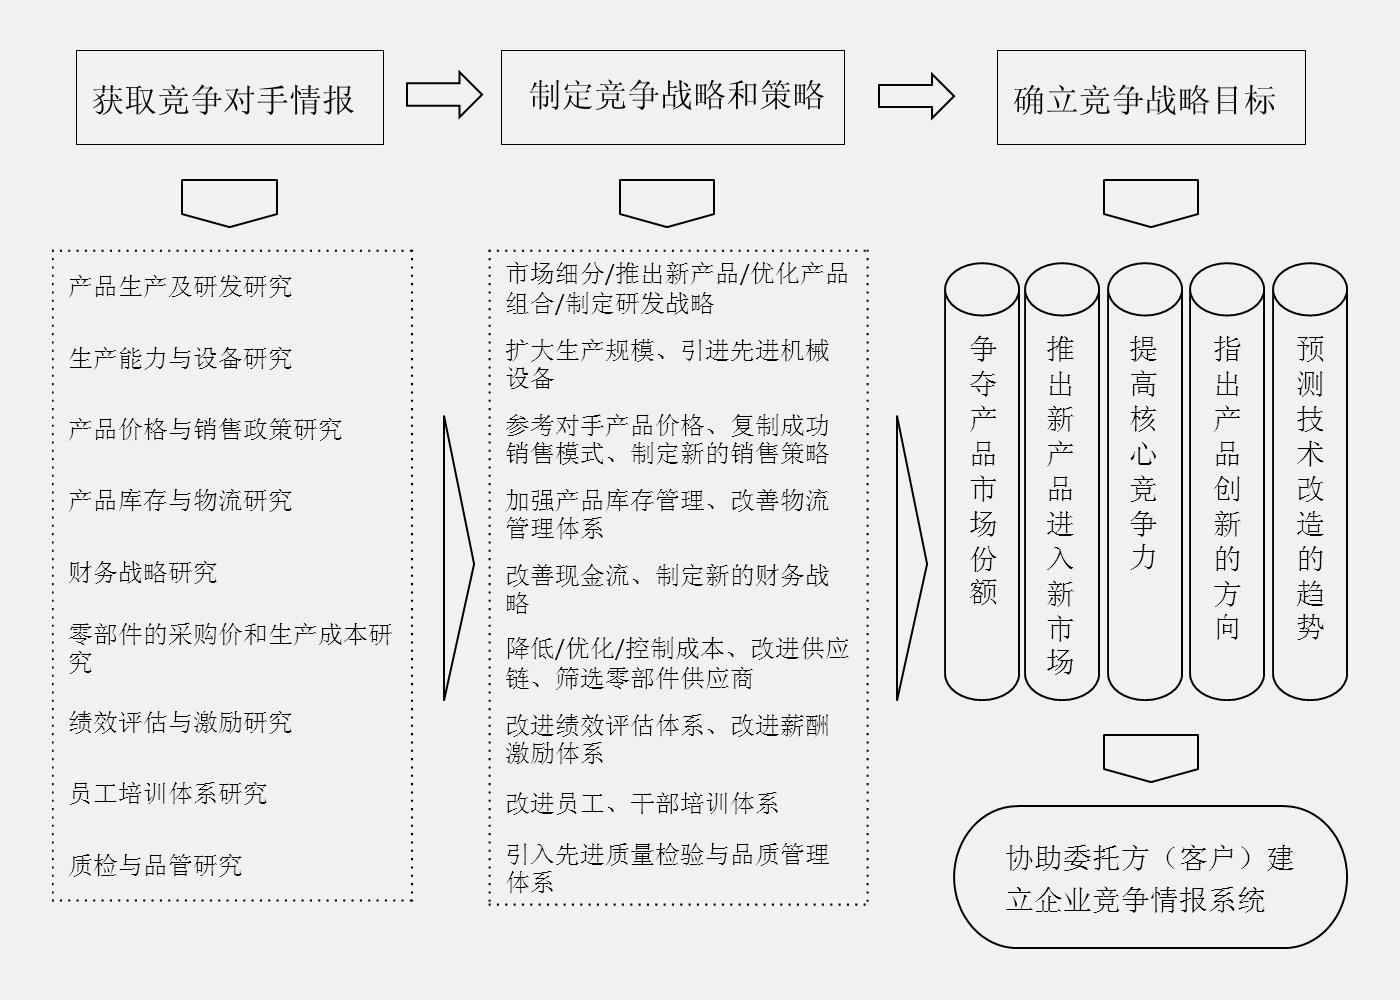 竞争情报研究及项目可行性调研.jpg